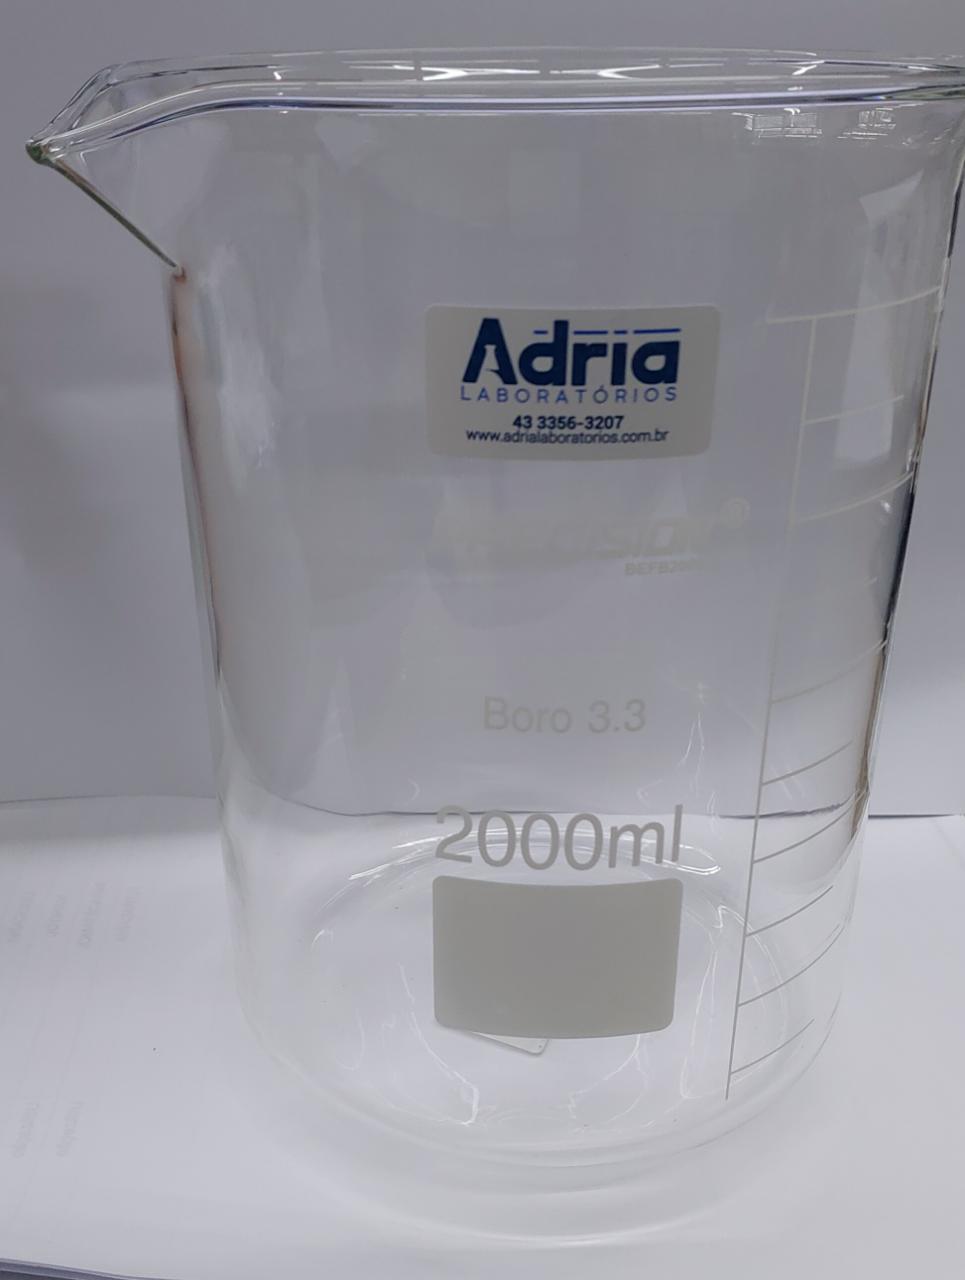 Copo Becker de Vidro (griffin) FB Graduado - Capacidade 2000ml Precision